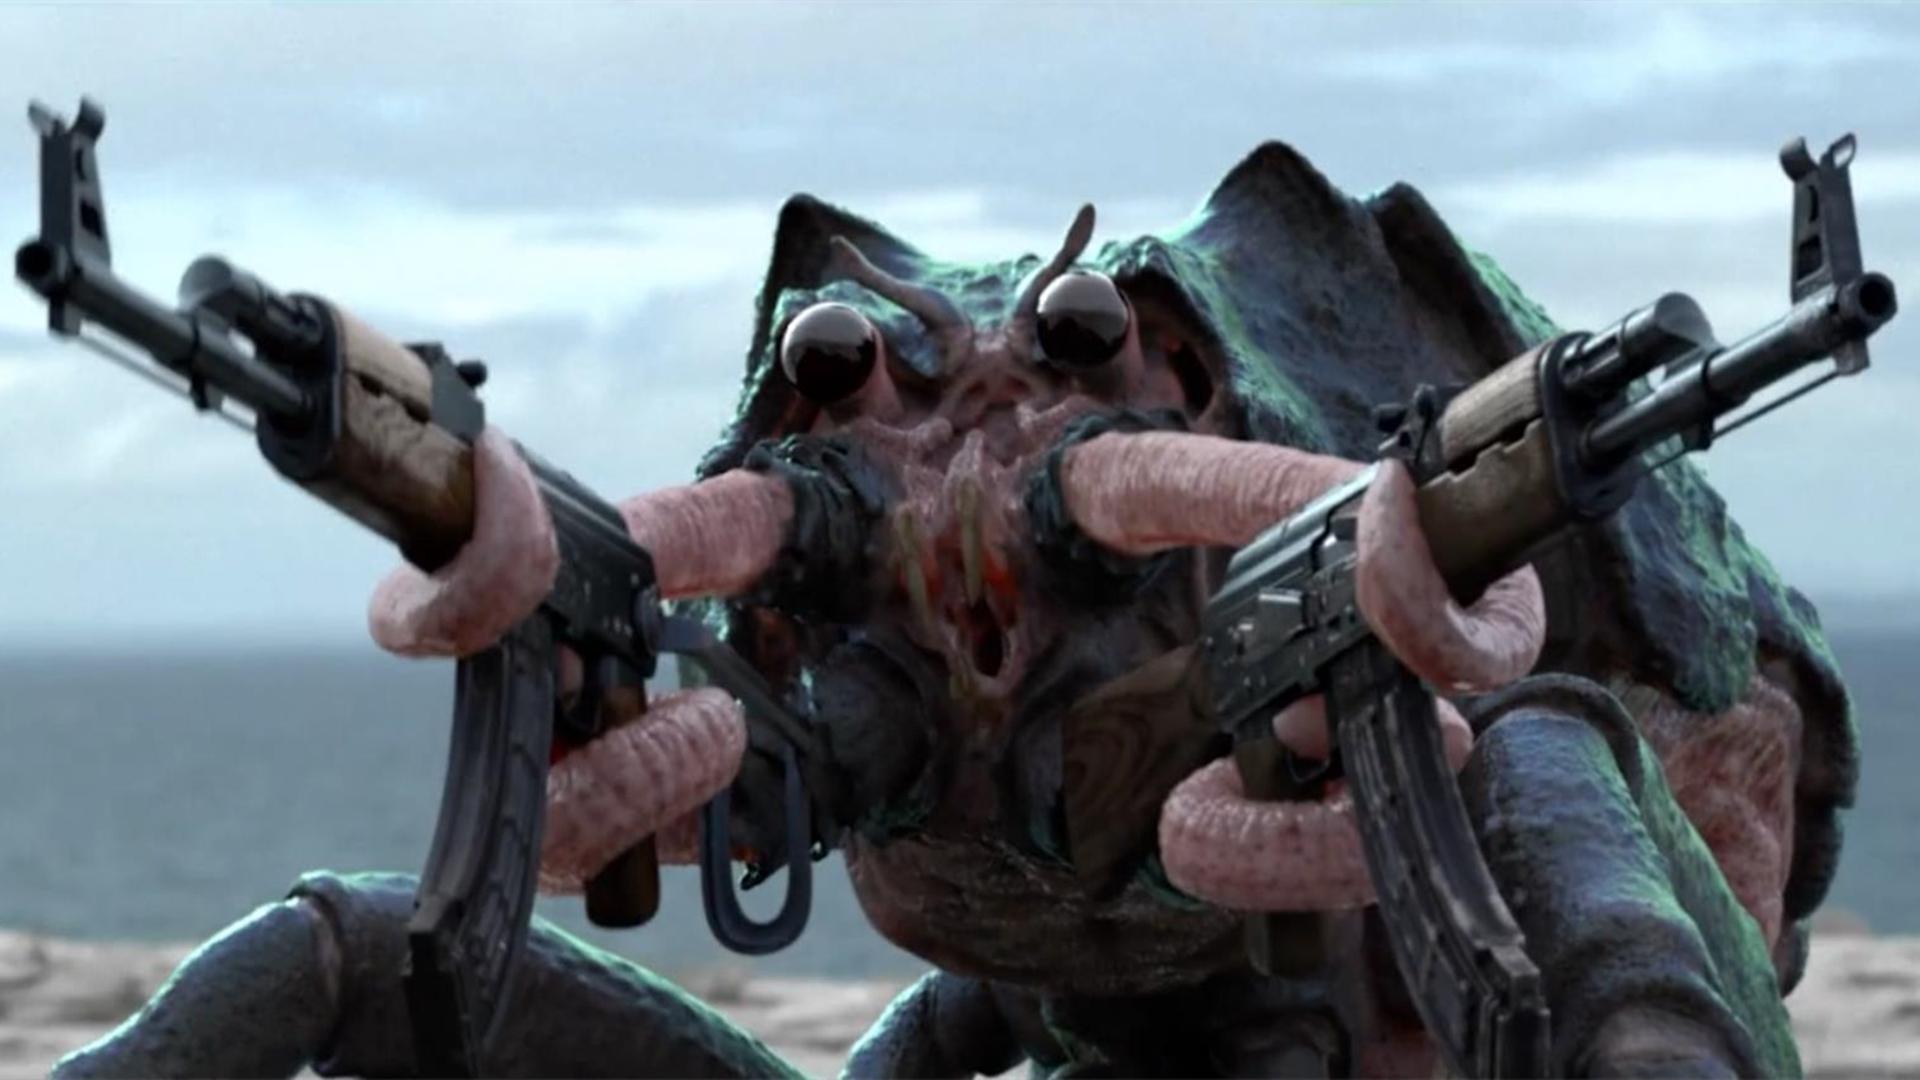 人类殖民原始星球,把武器卖给外星螃蟹人,却不知自己大难临头了